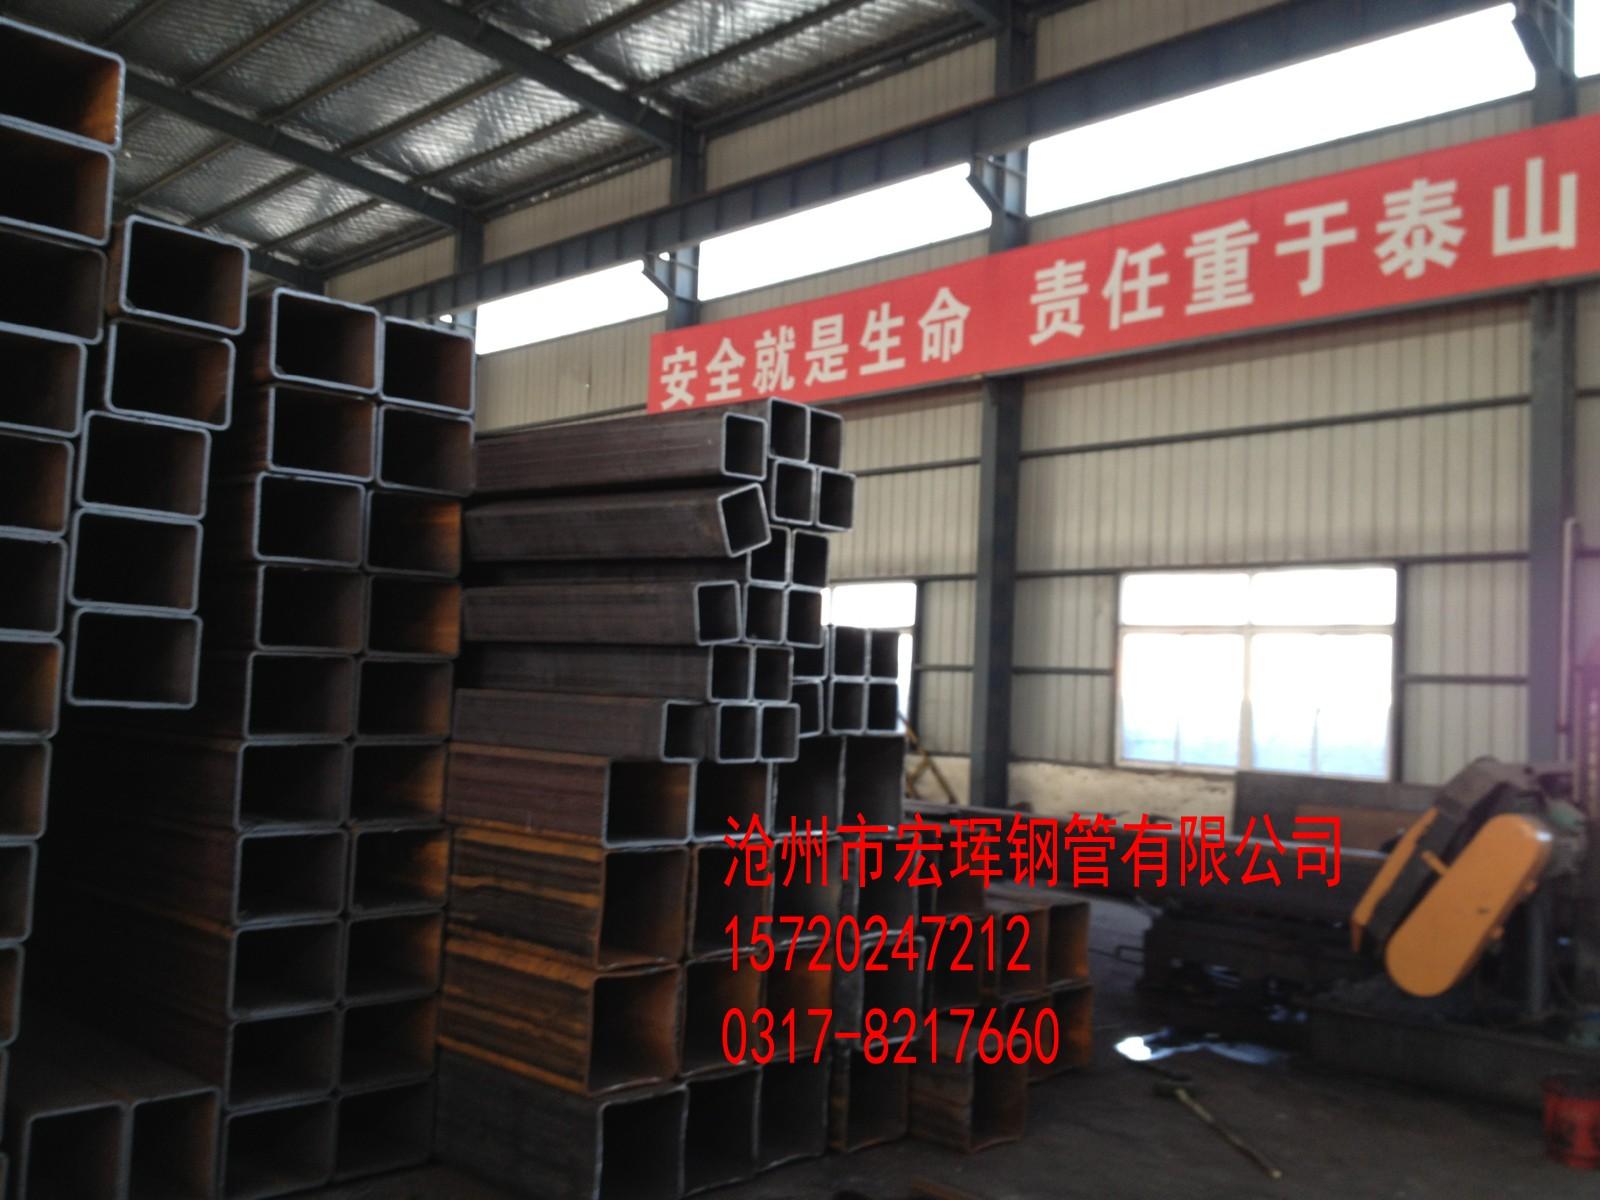 厦门厚壁方矩钢管供应 厦门厚壁方矩钢管生产厂家 厦门厚壁方矩钢管价格